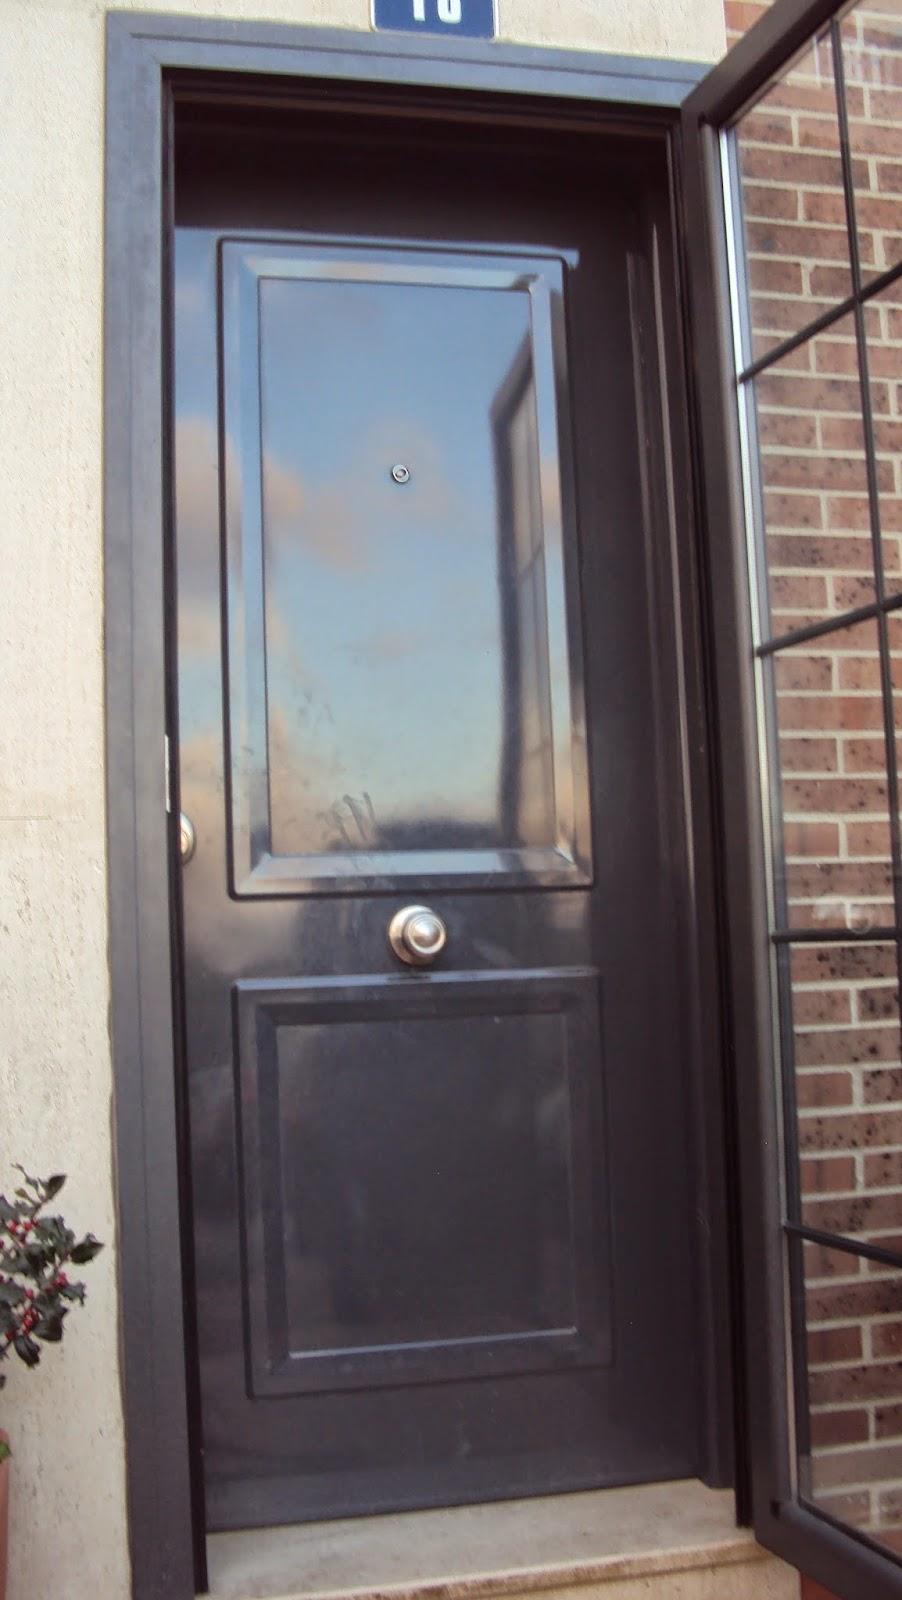 Aluminio y cerrajer a abel y cesar santiuste de san juan for Puertas de aluminio